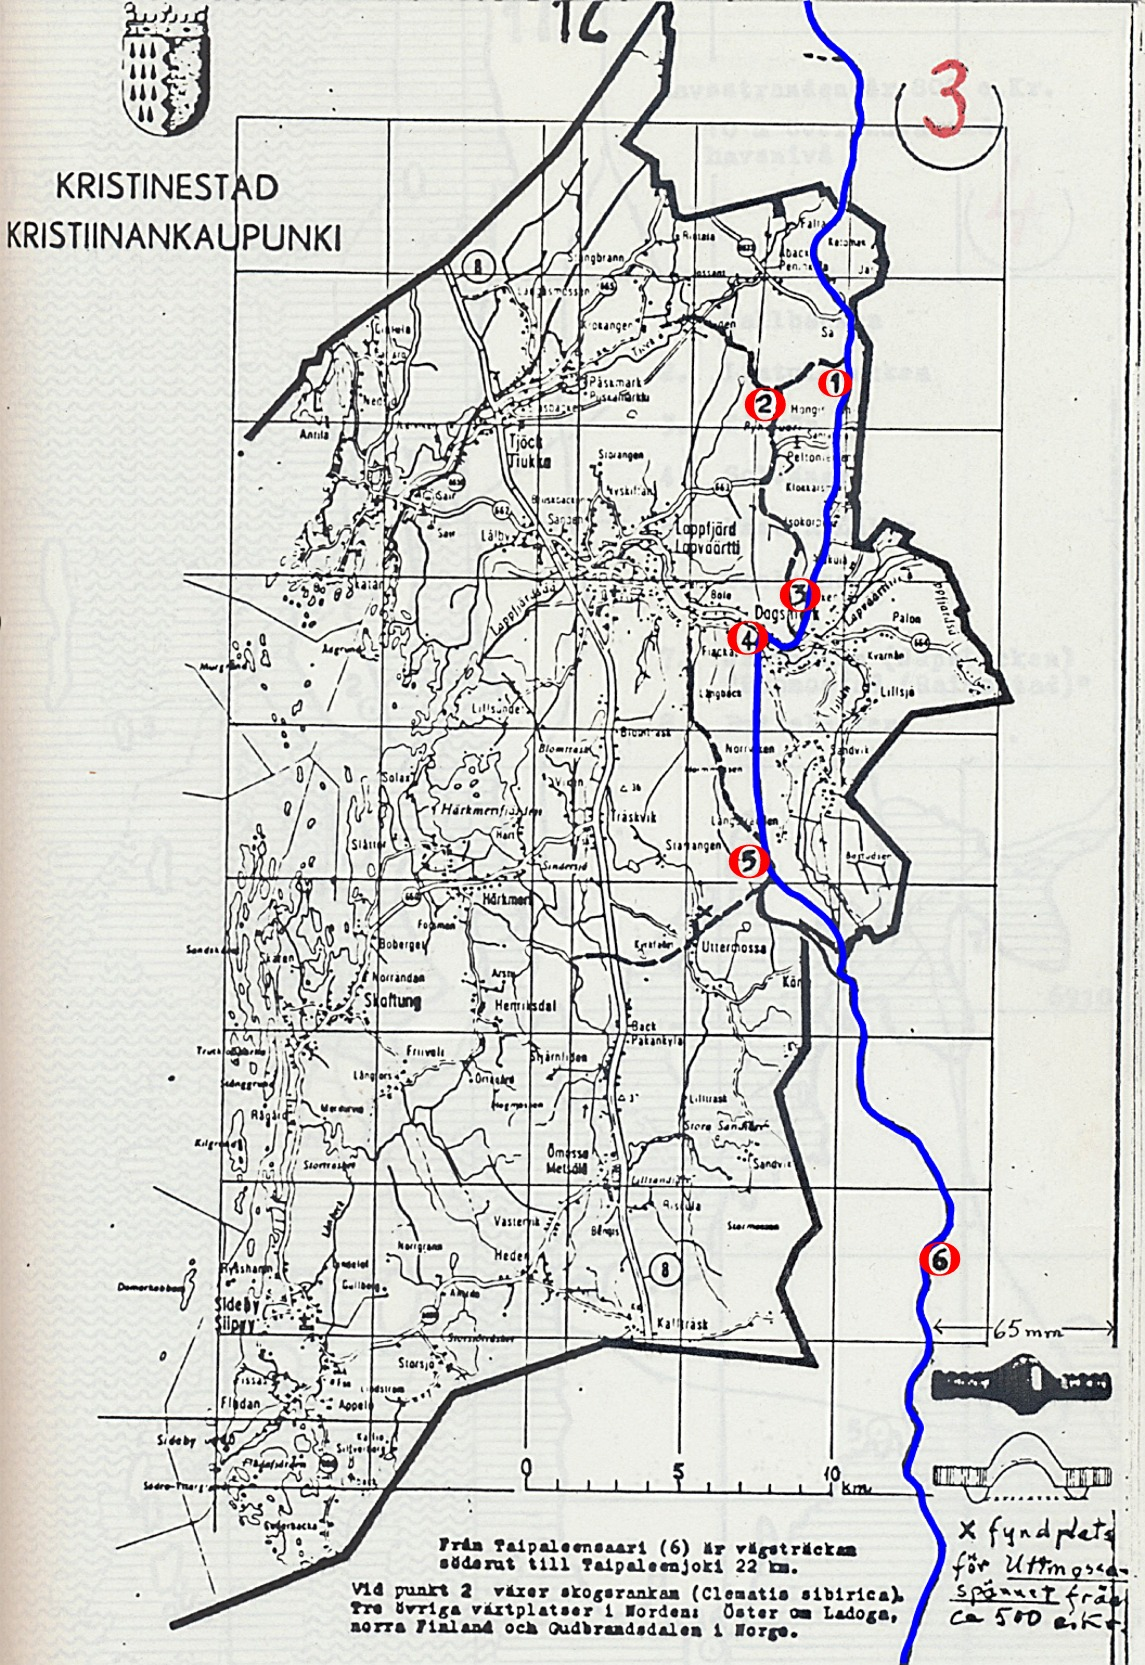 Det är enligt den blåa linjen som Rurik Nylund tänkte sig att gamla vägen hade gått. Nr 1 är Hästjäälon, nr 2 är Storgräspotten, alltså där Sipprankan växer, nr 3 är Umpiaitta ovanför Dagsmark, nr 4 är Vadet, alltså Klemetsforsen, nr 5 är Spisåsbäcken och nr 6 är Taipaleensaari.